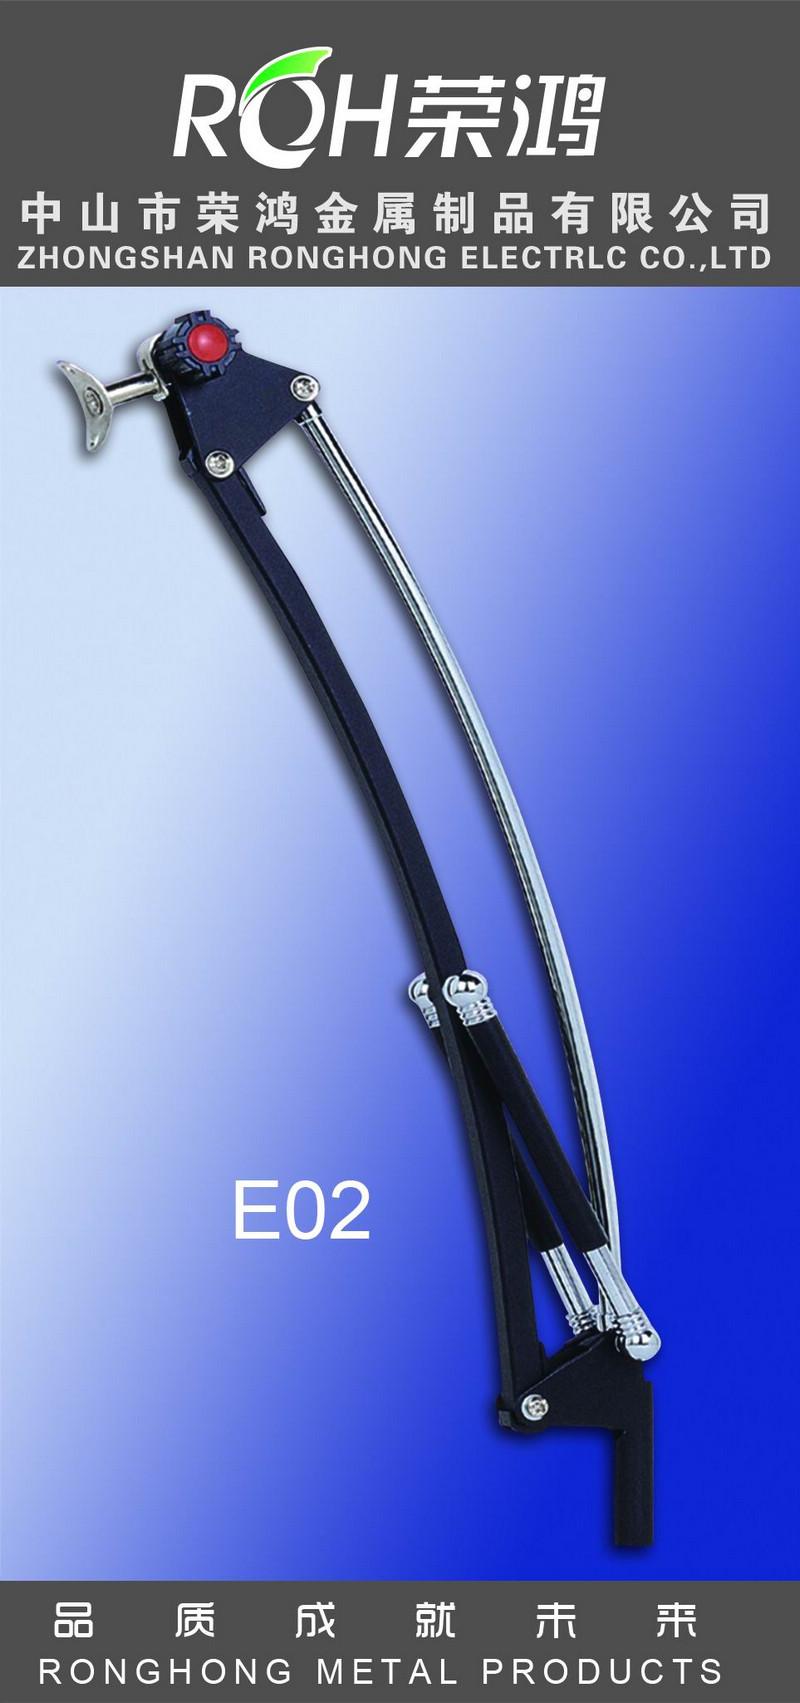 摇臂支架图片-型号为E02-表面处理主要有:各种电镀、喷涂等